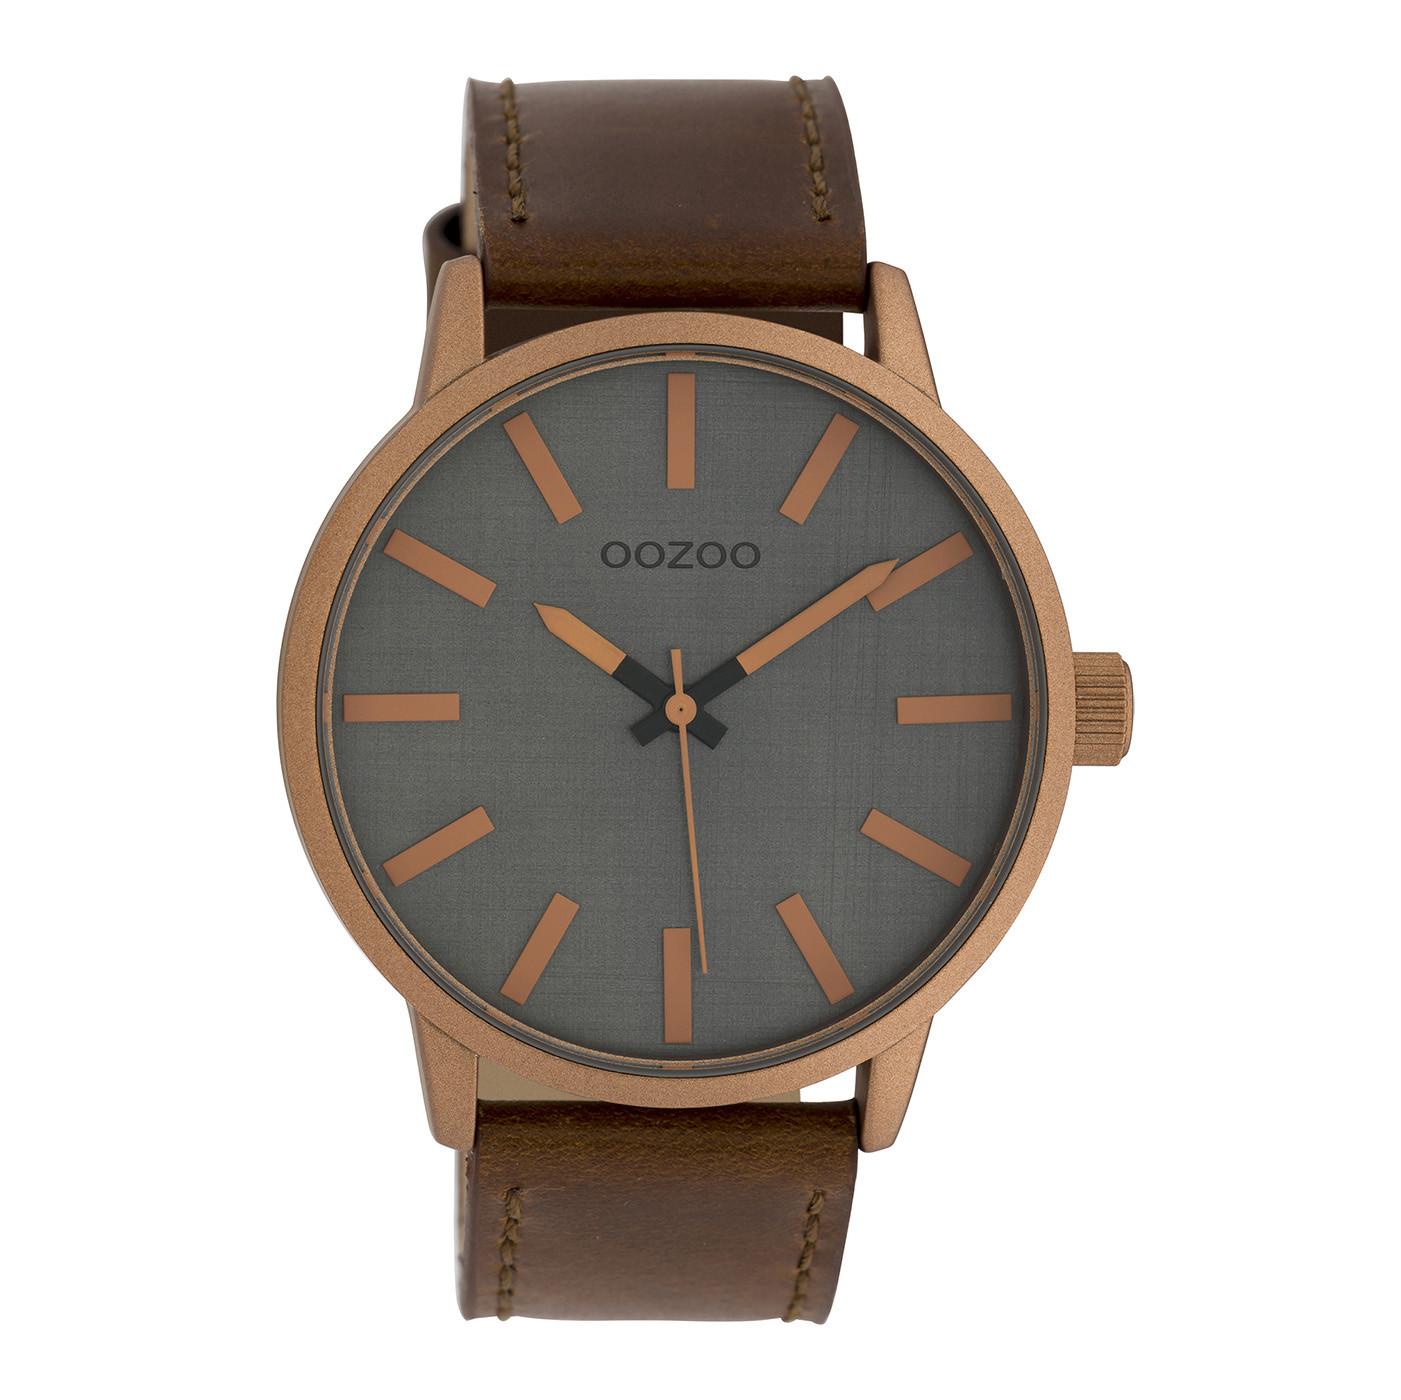 OOZOO Timepieces Bruin/Grijs horloge C10033 (45 mm)